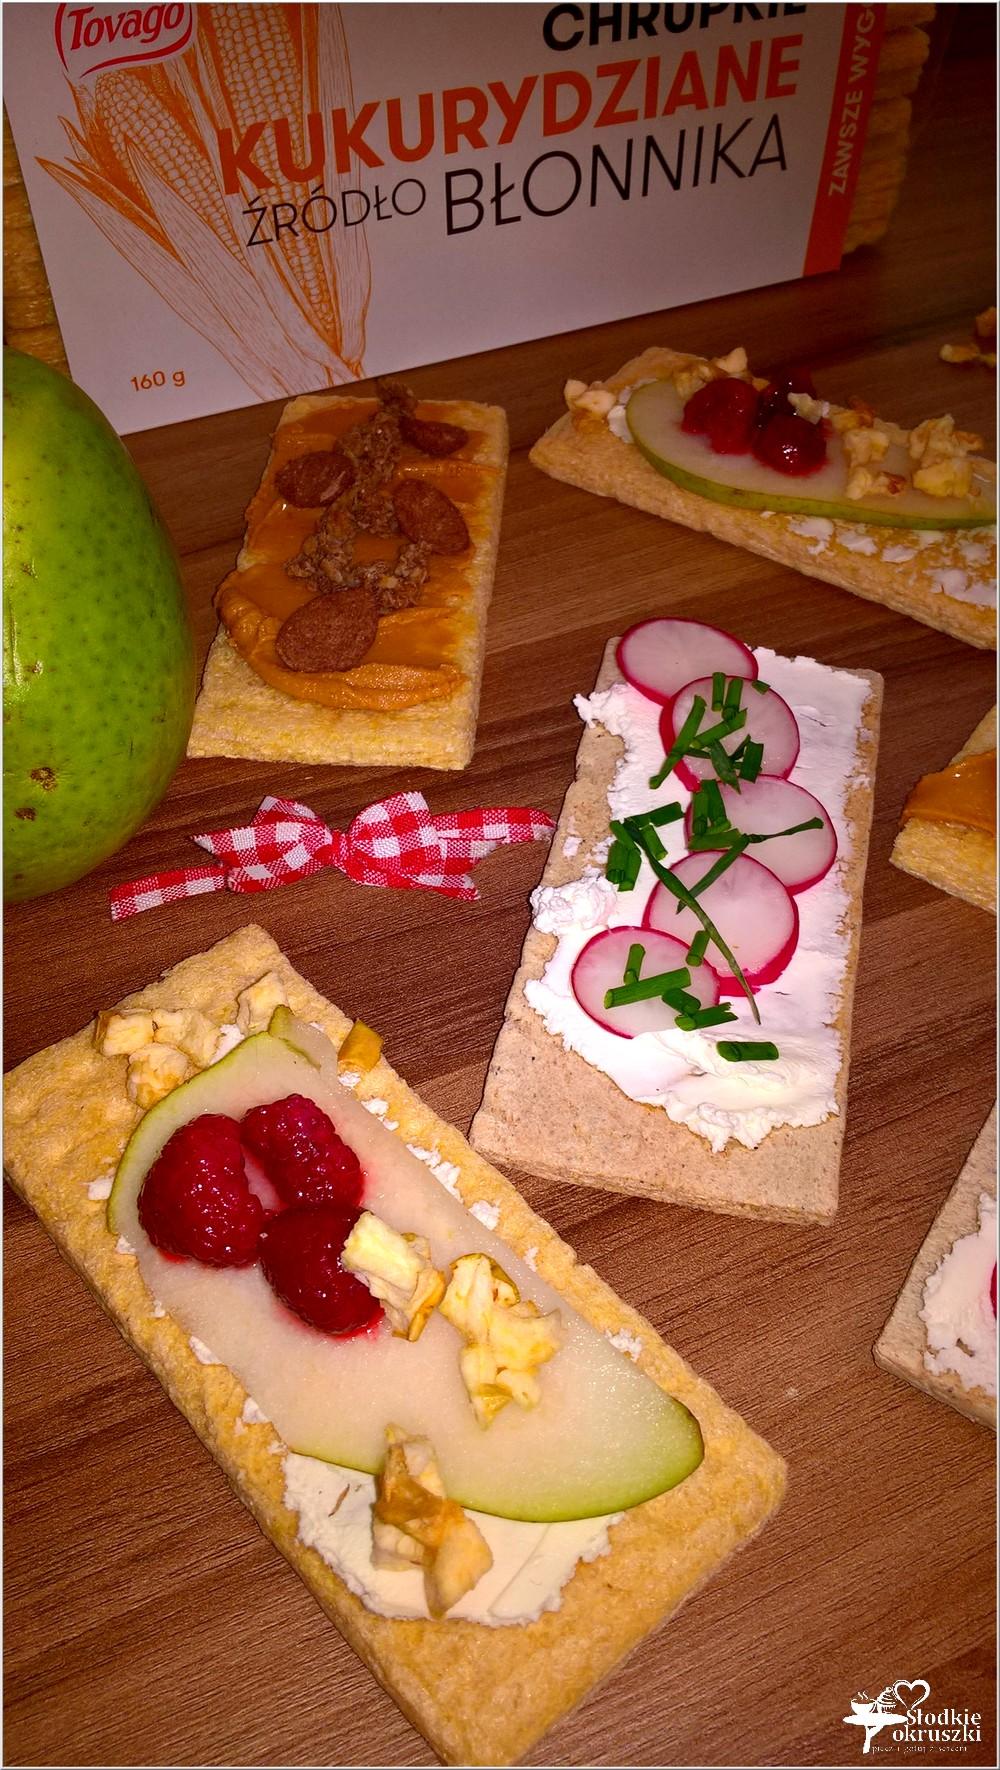 3 pomysły na zdrowe kanapki (2)